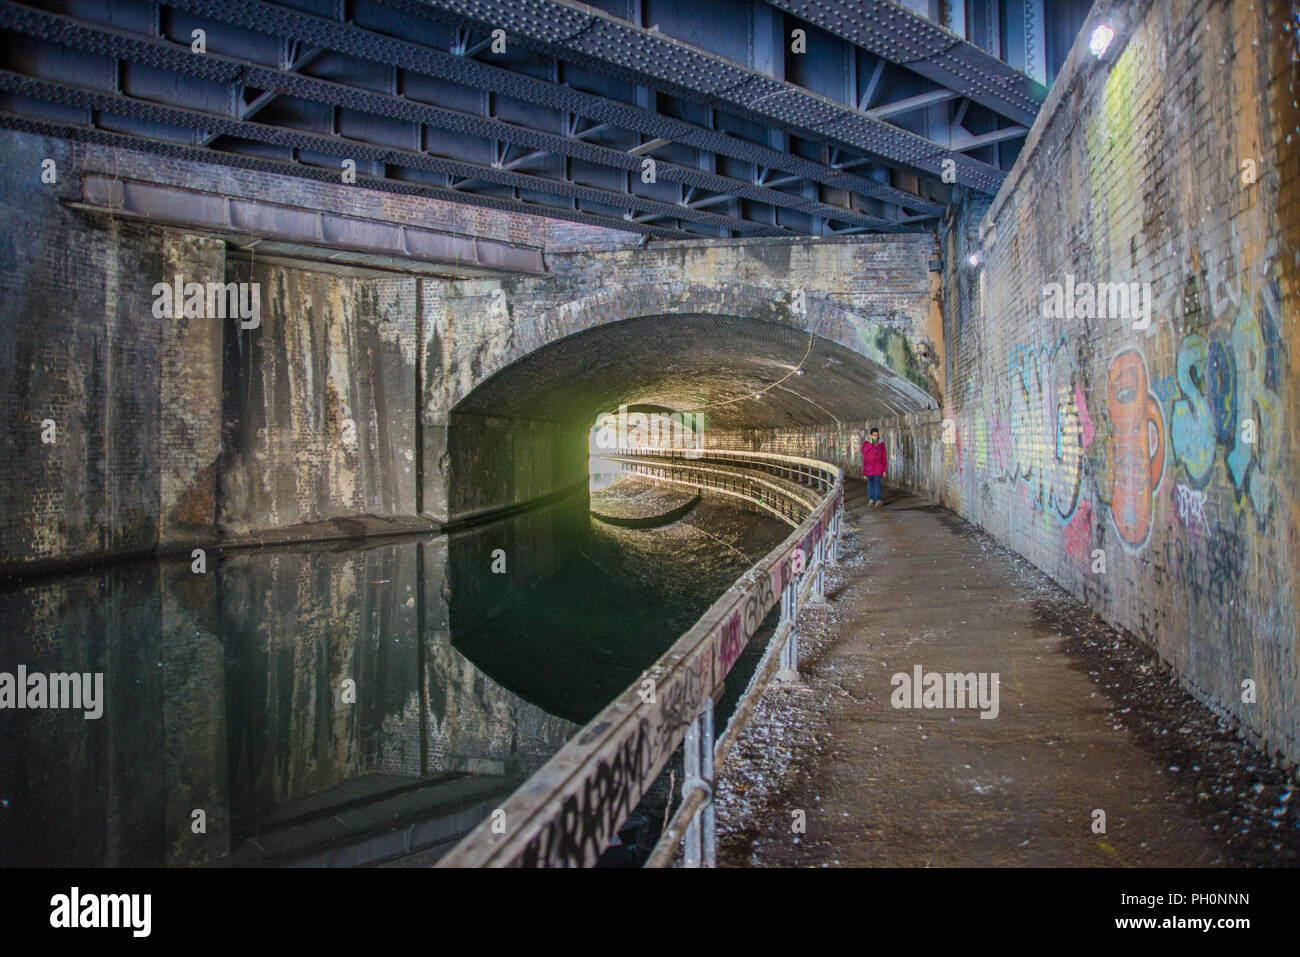 El túnel del canal de la calle Curzon, Birmingham Imagen De Stock